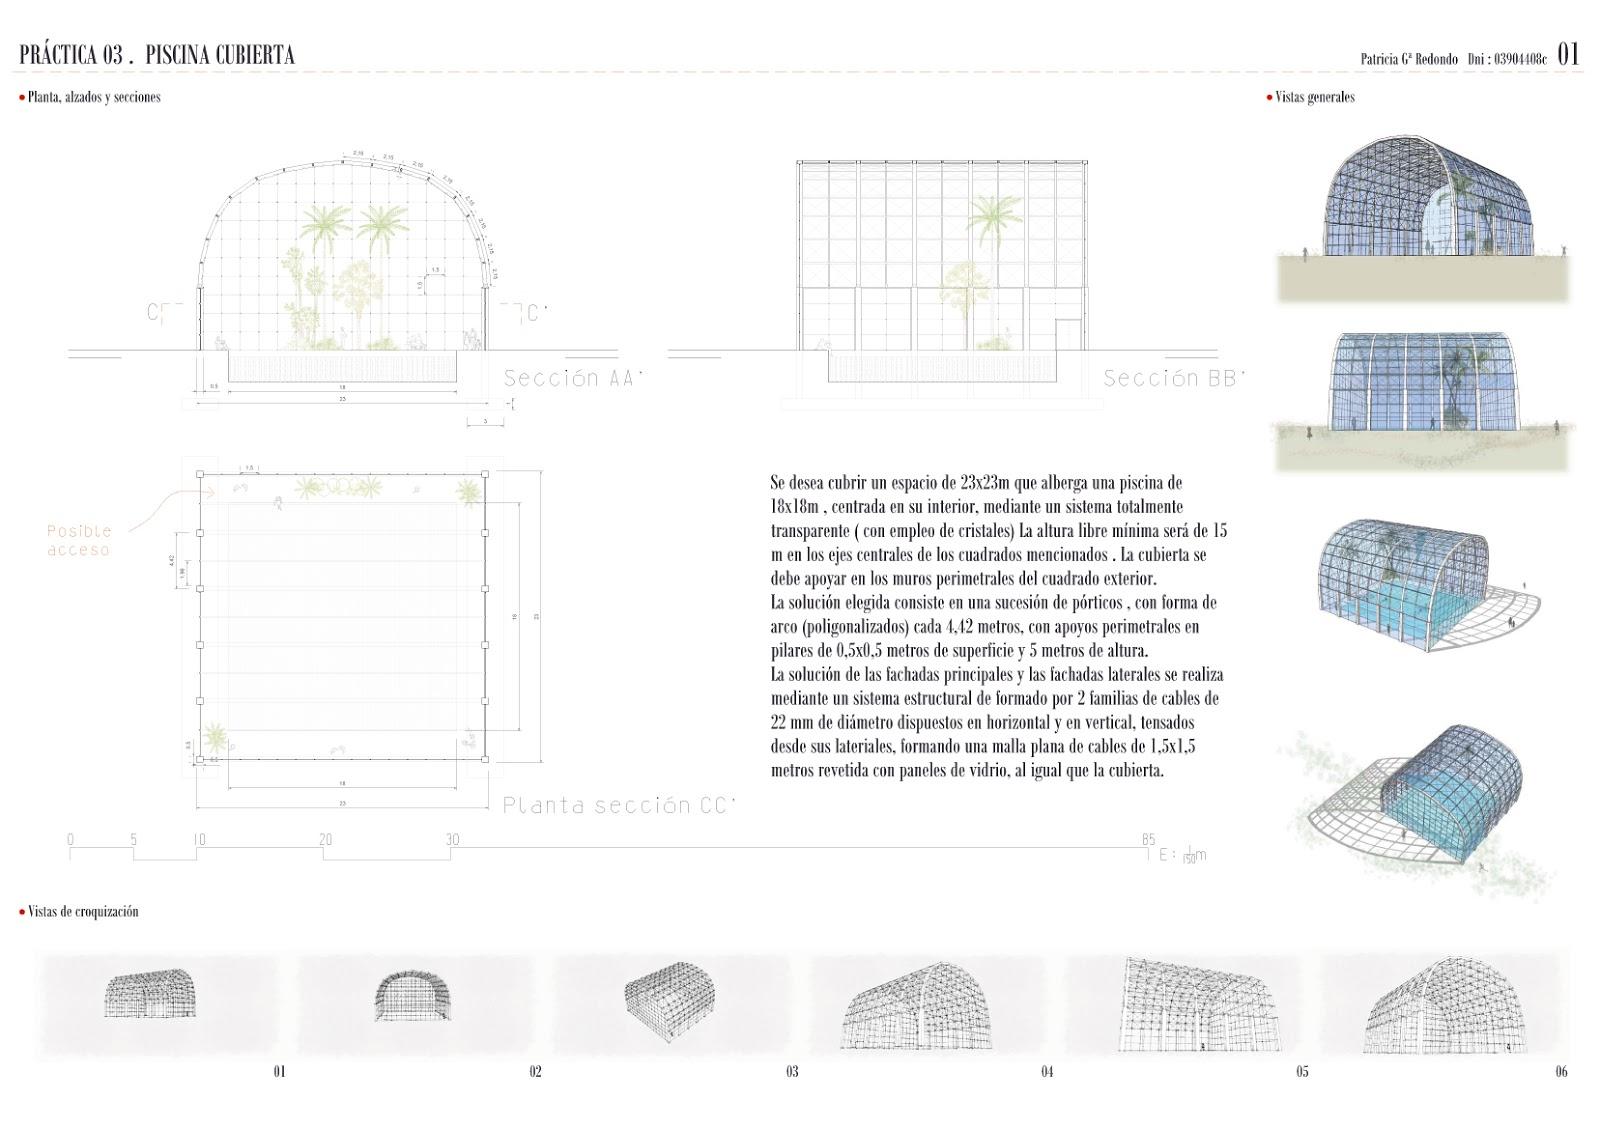 Proyecto de estructuras iii the tightrope walker for Piscina cubierta alcantarilla